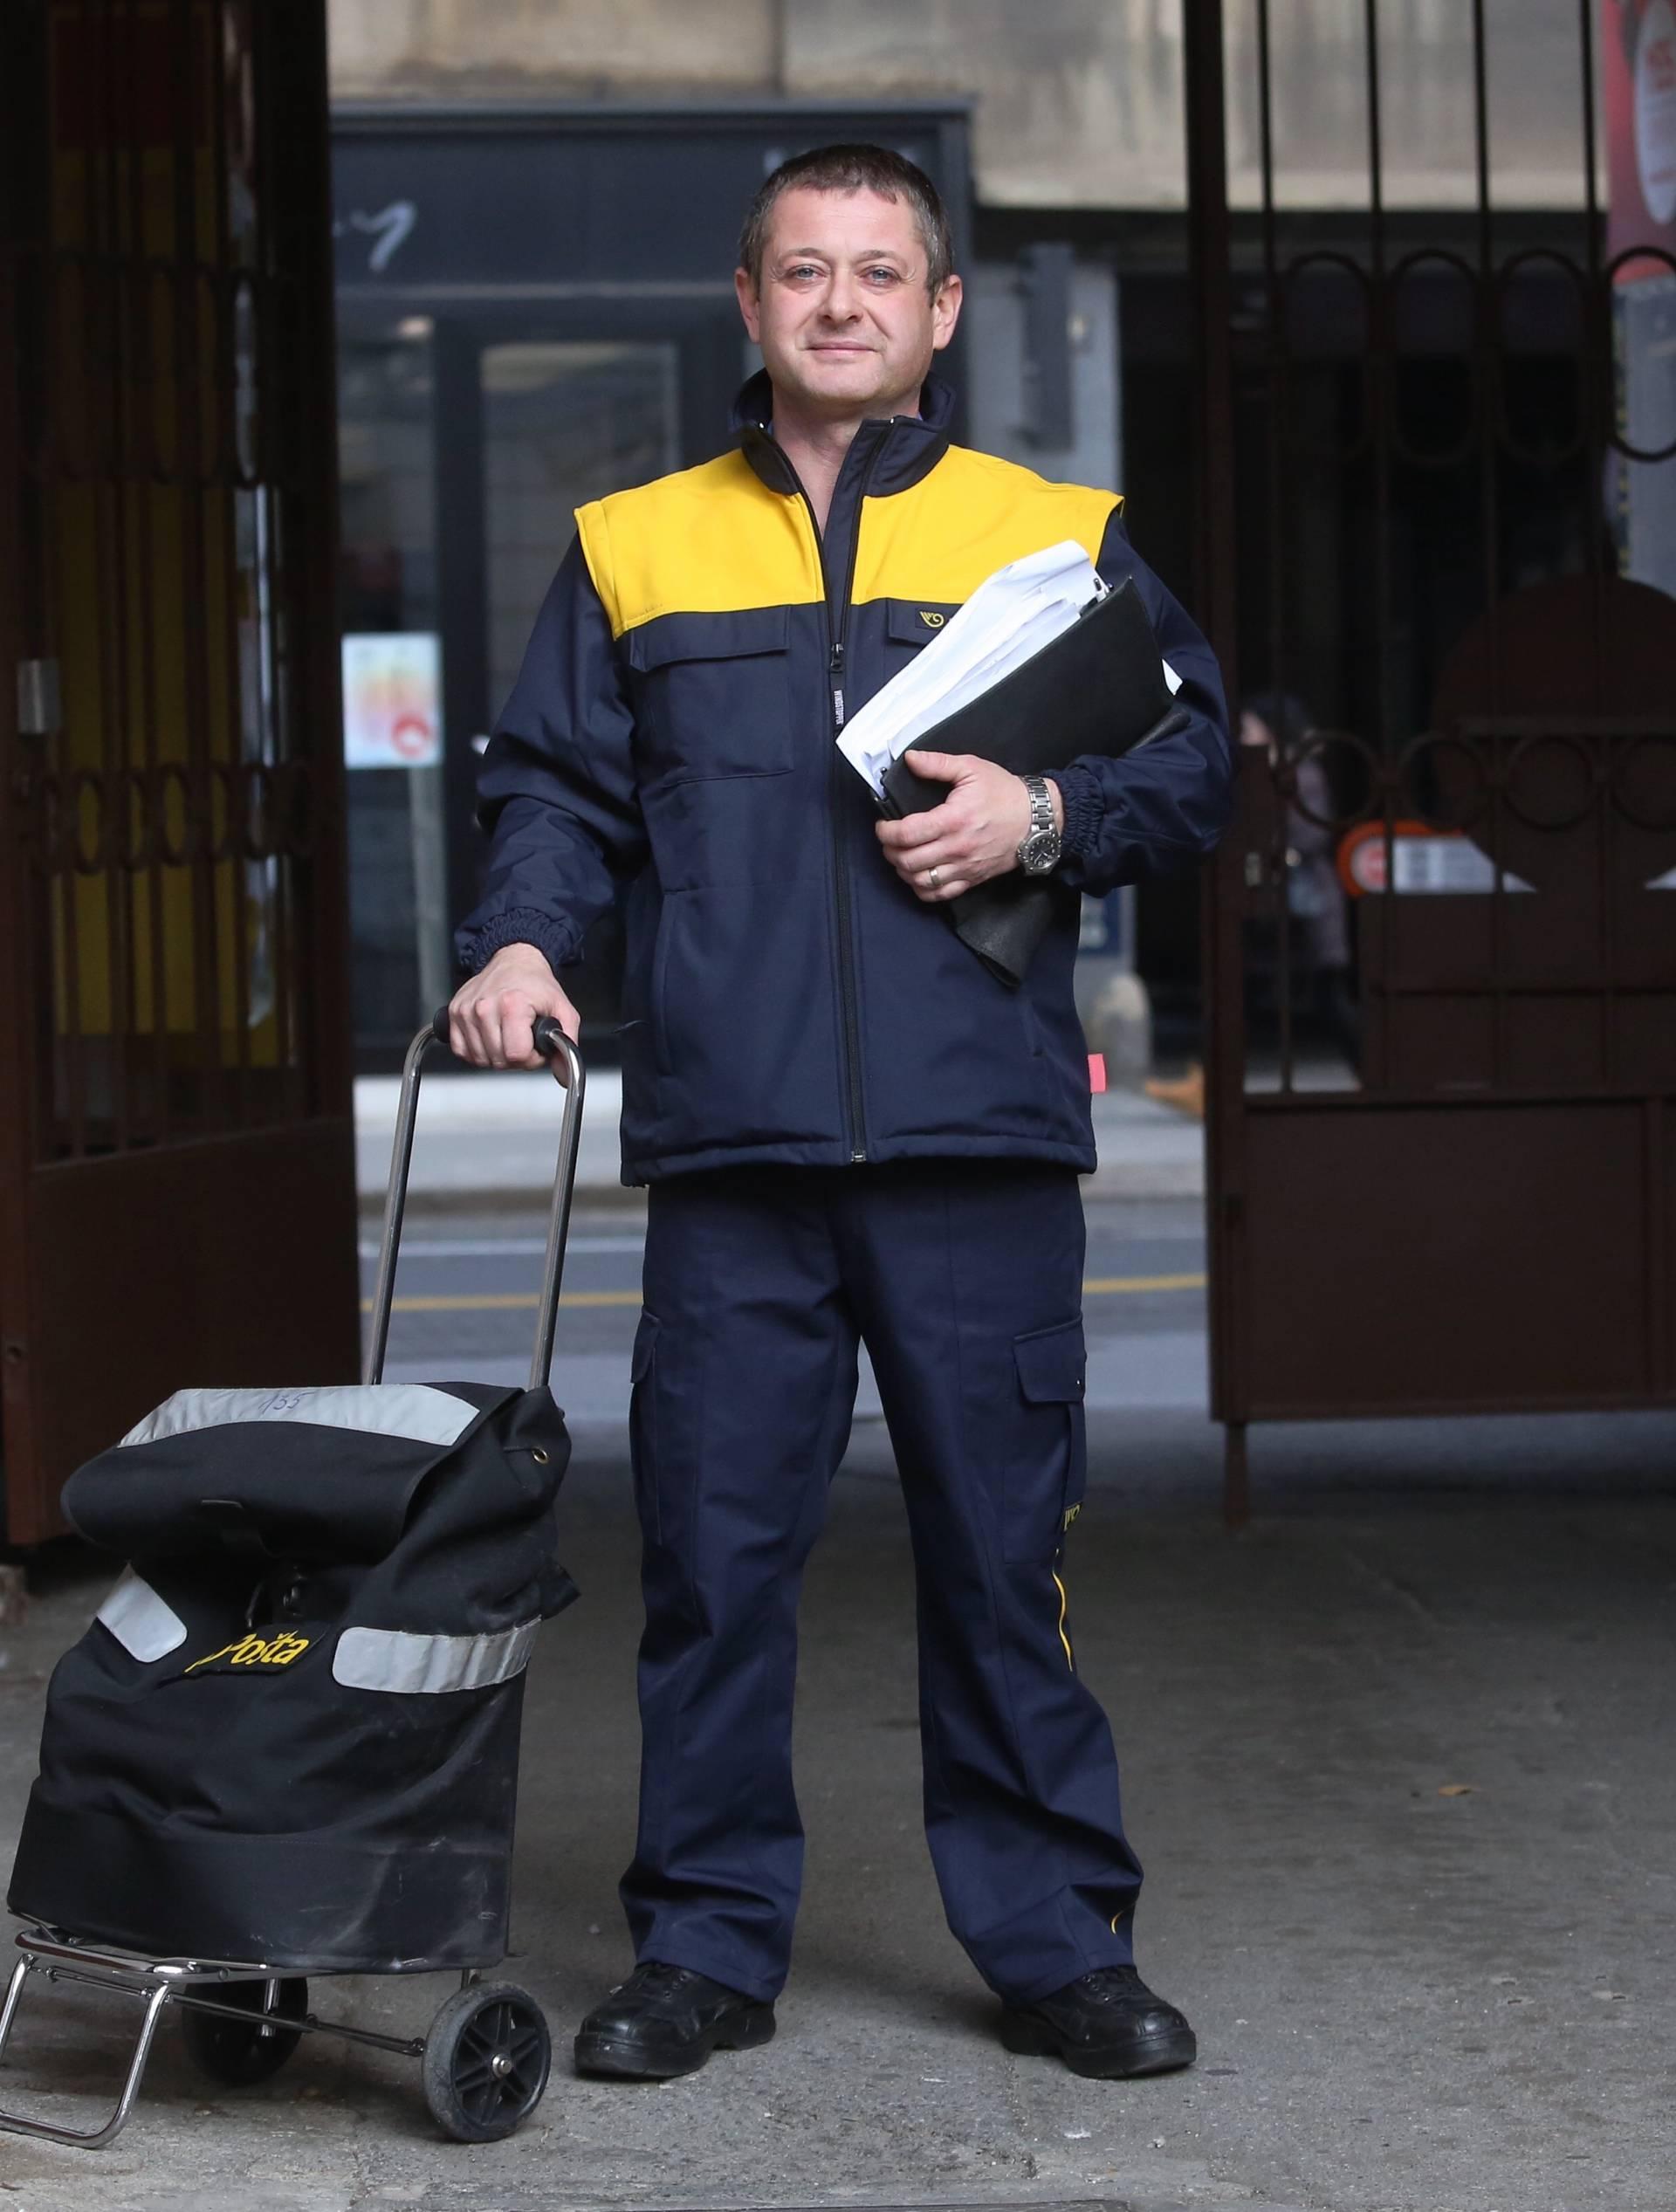 'Svi su pobjegli od ovog posla, nitko više ne želi biti poštar...'